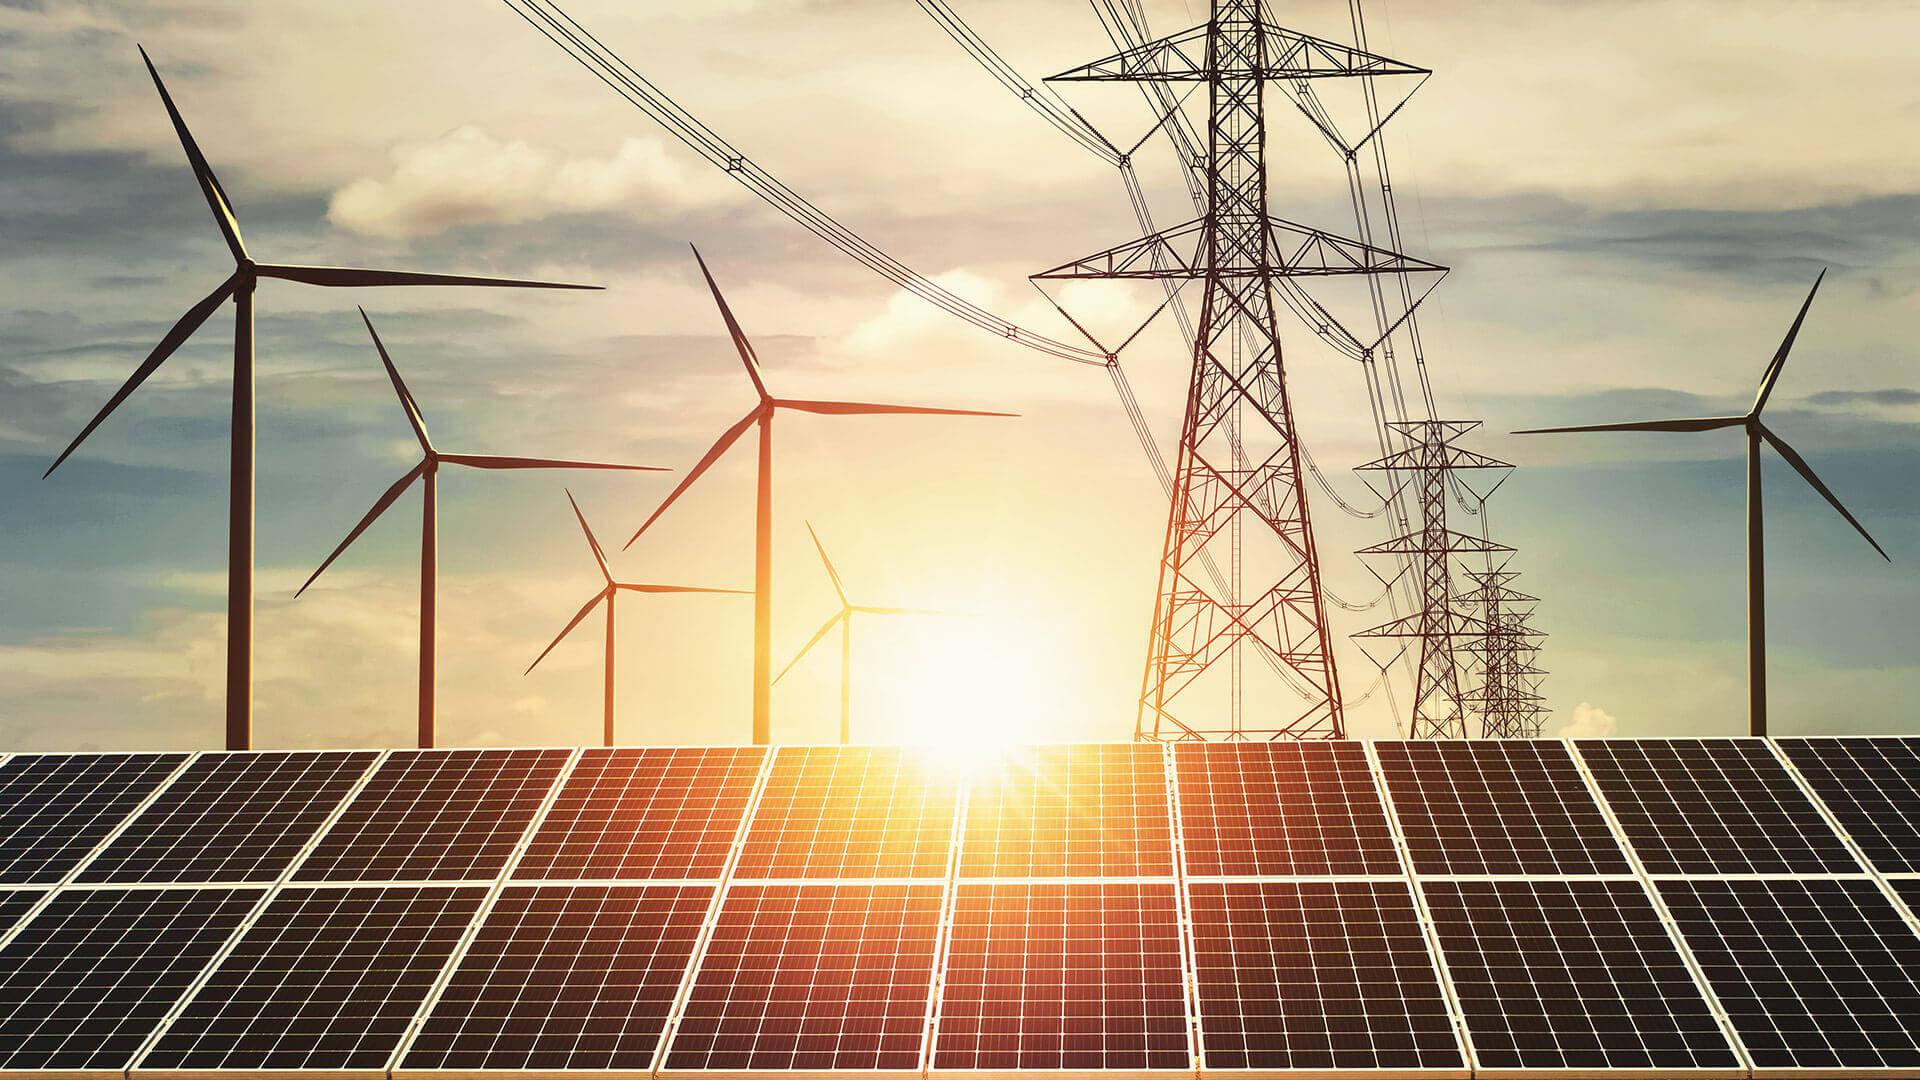 Pruebas de energía eólica solar de microrred - NH Research (NHR)